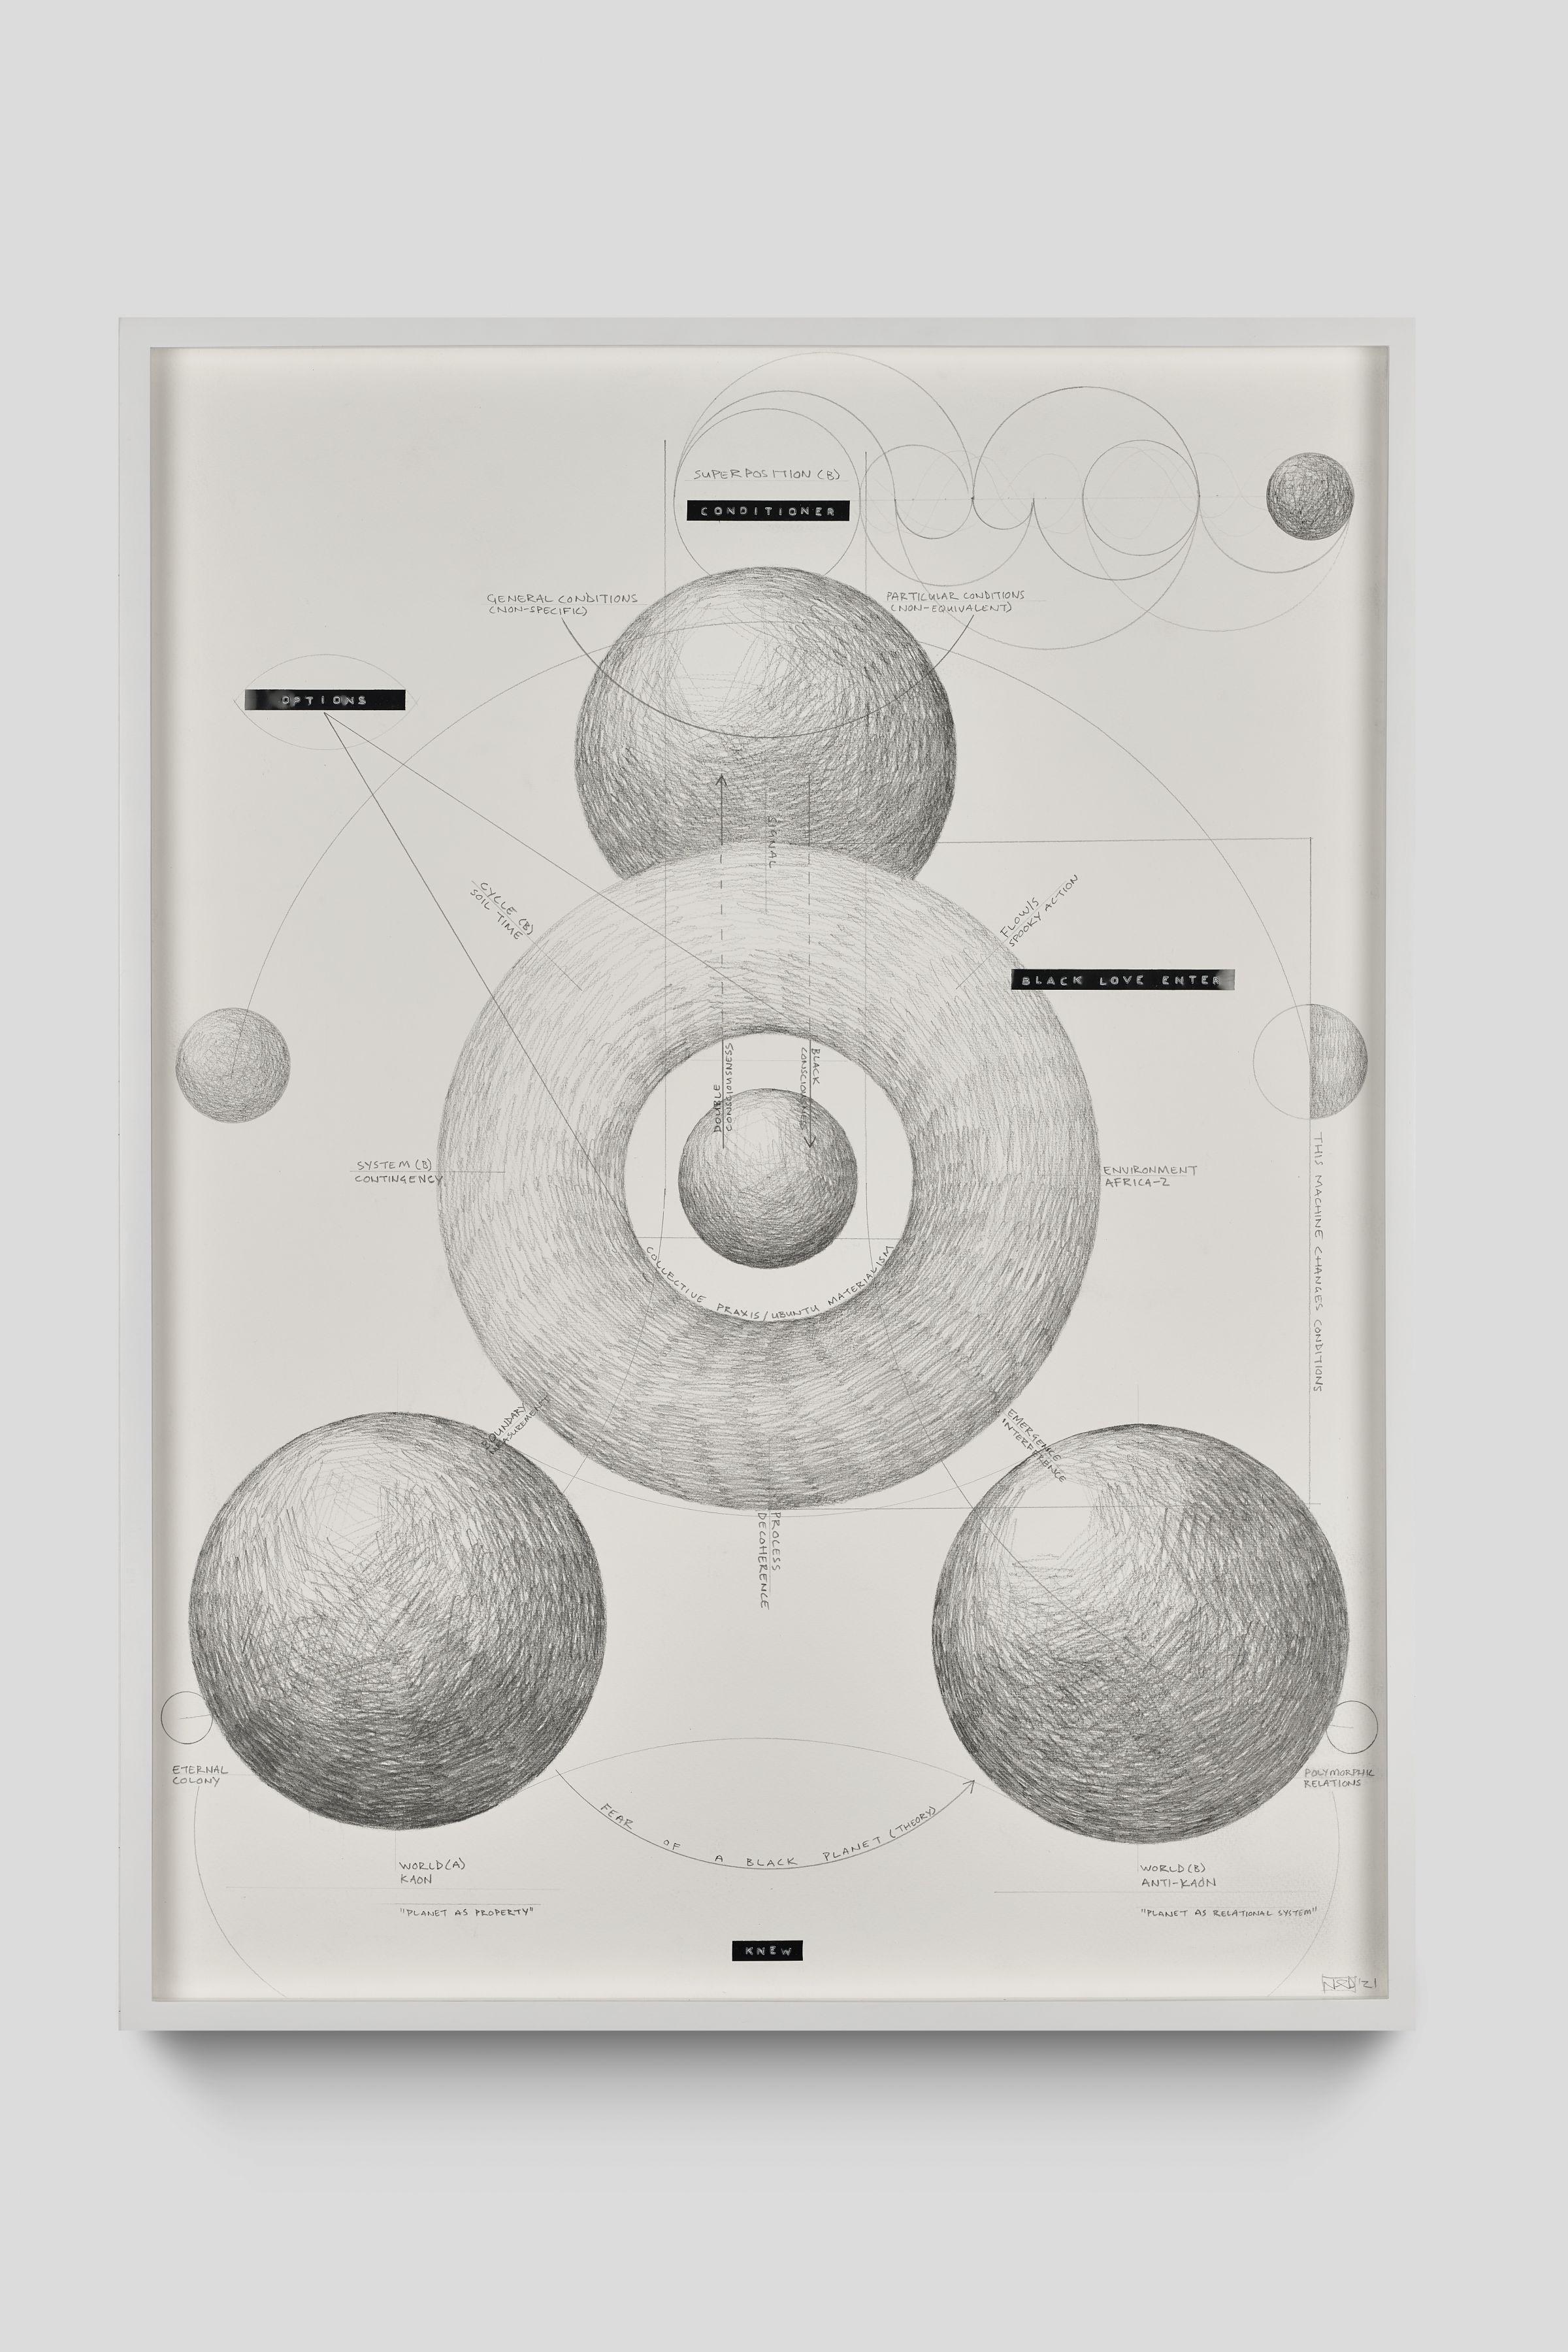 untitled (schema) artwork